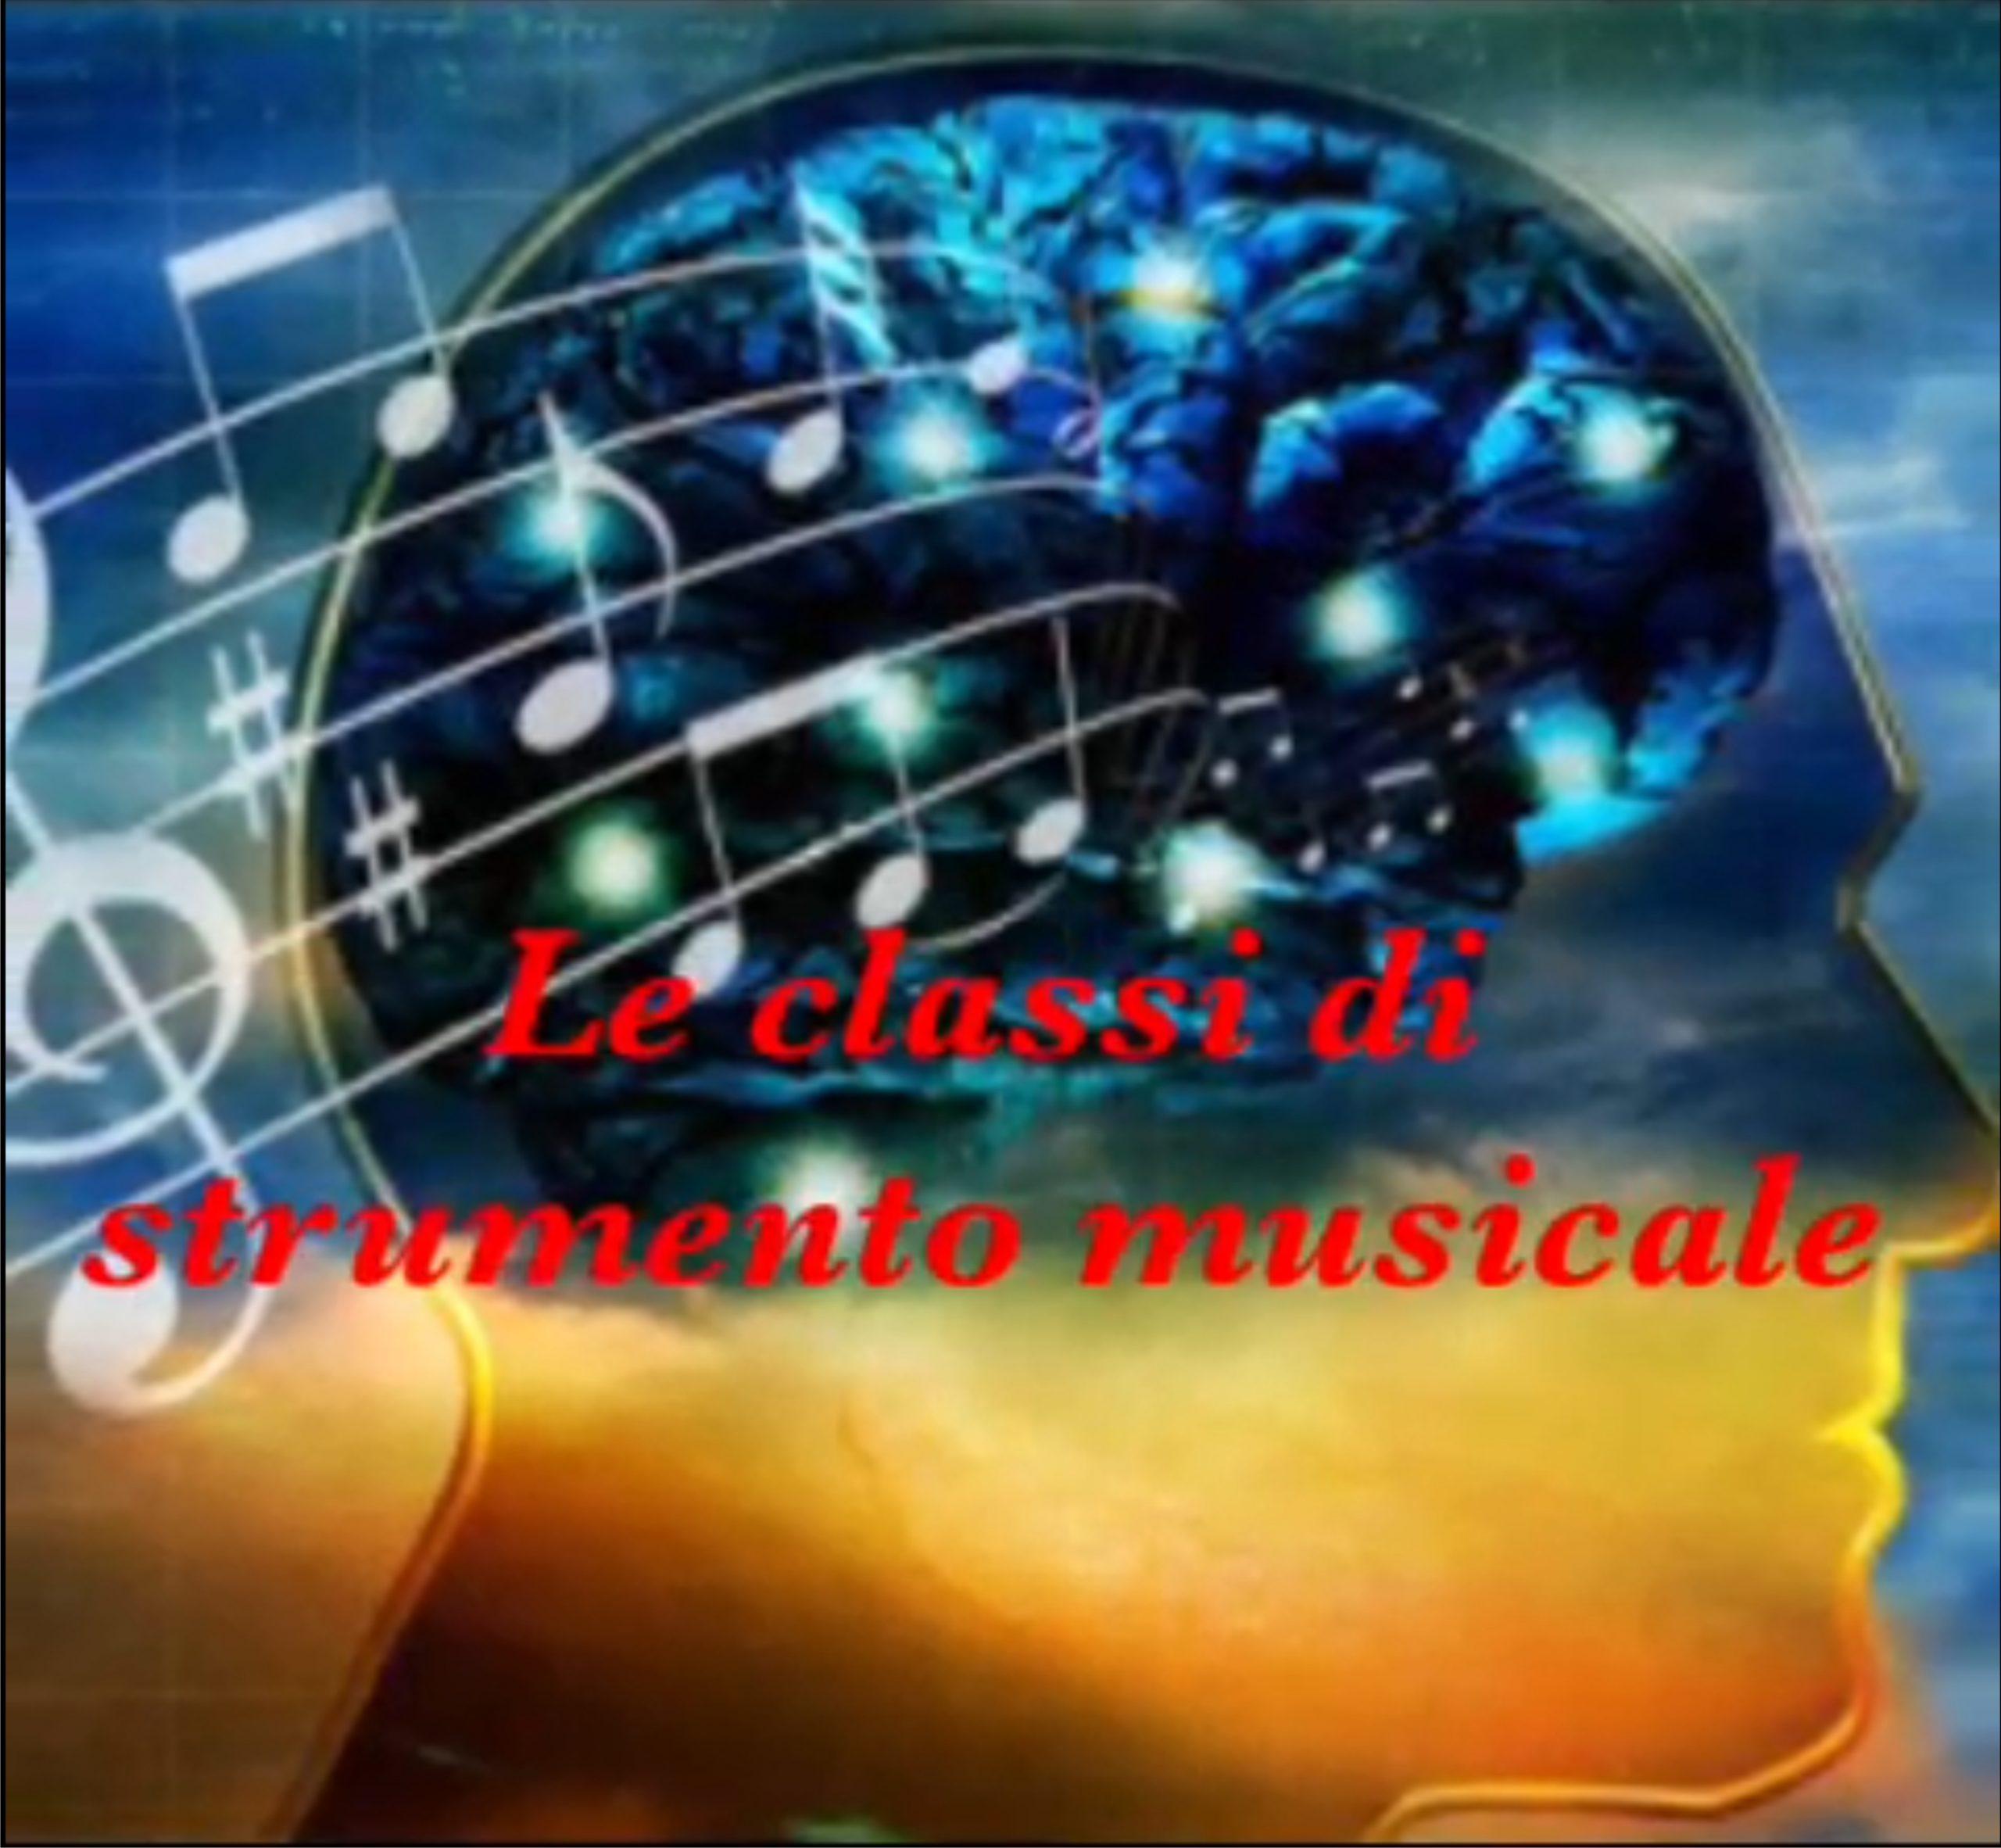 GIORNATA DELLA DISABILITᾺ – Classi di strumento musicale